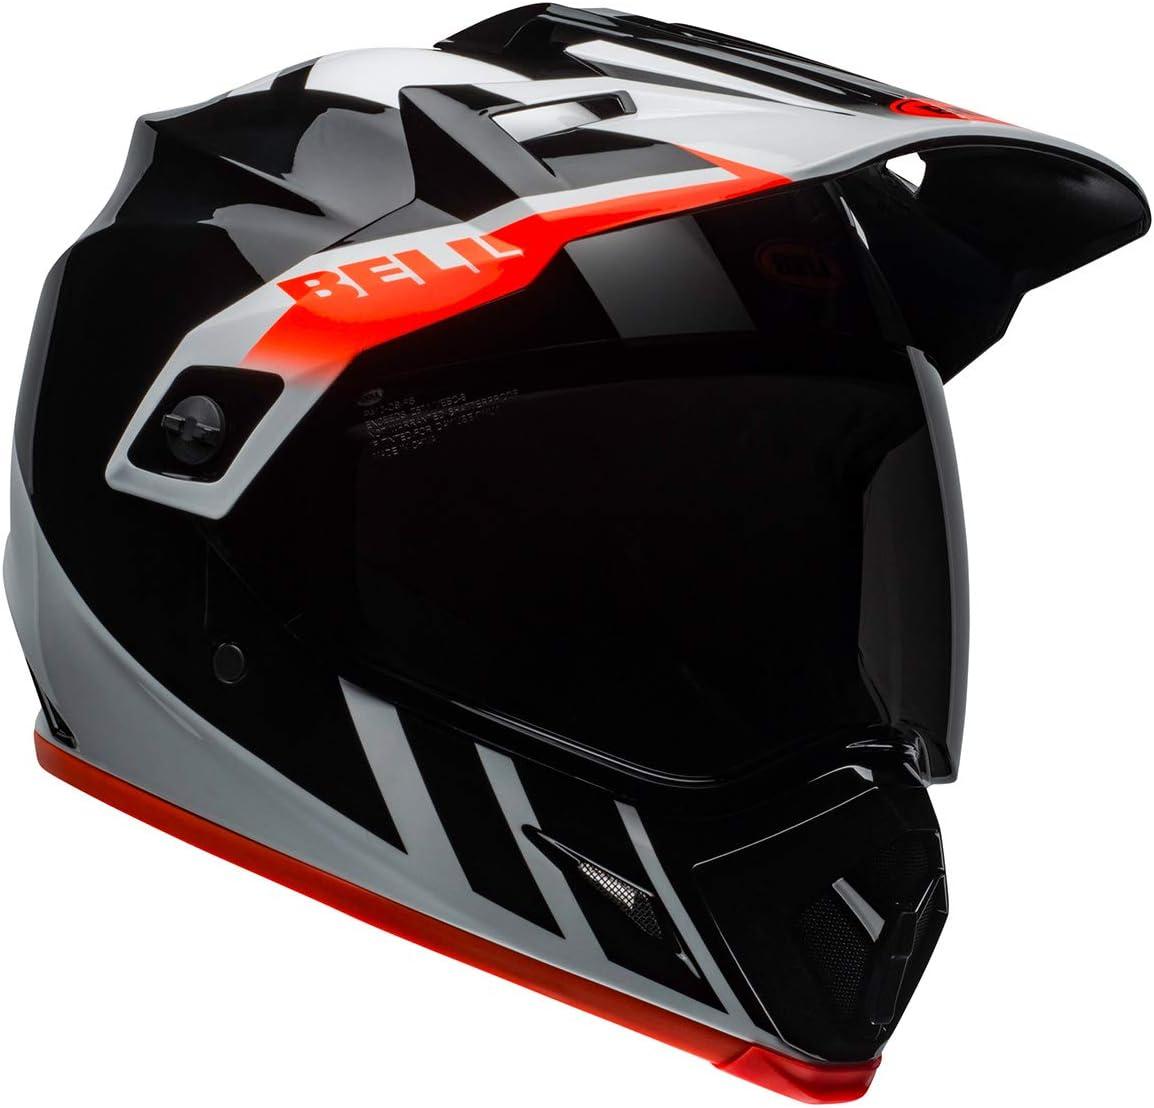 Best Bell Qualifier Helmet of Bell MX-9 Adventure MIPS Dirt Helmet